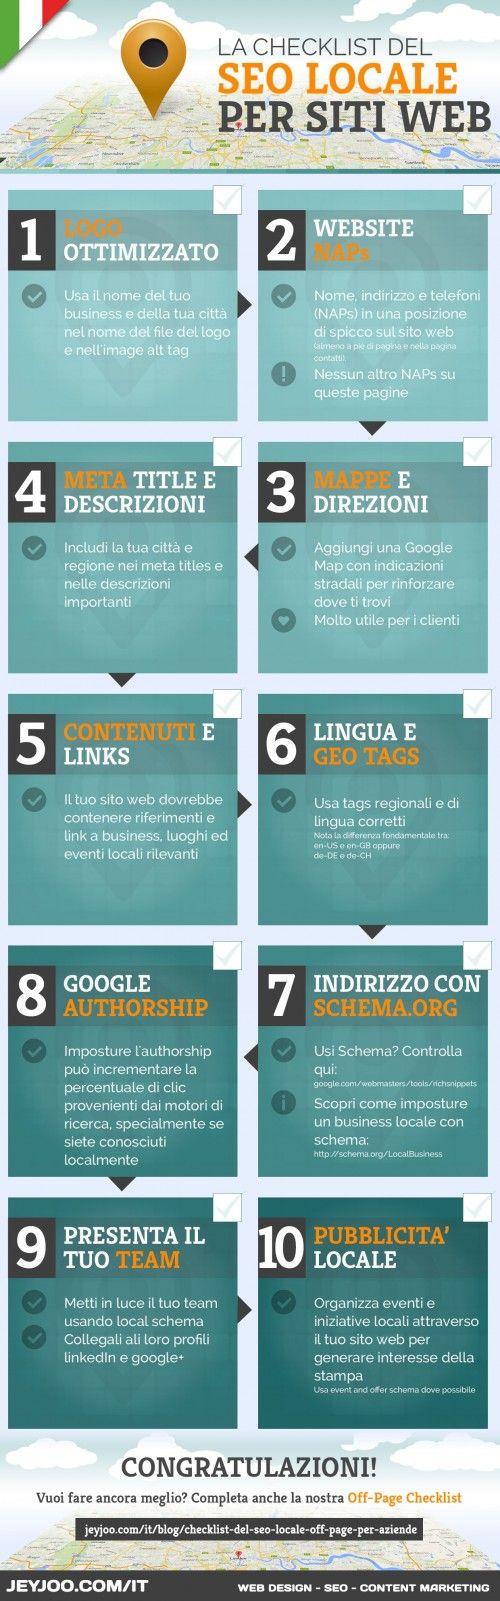 La Checklist del SEO Off-Page per i Business Locali. via Jeyjoo.com/it